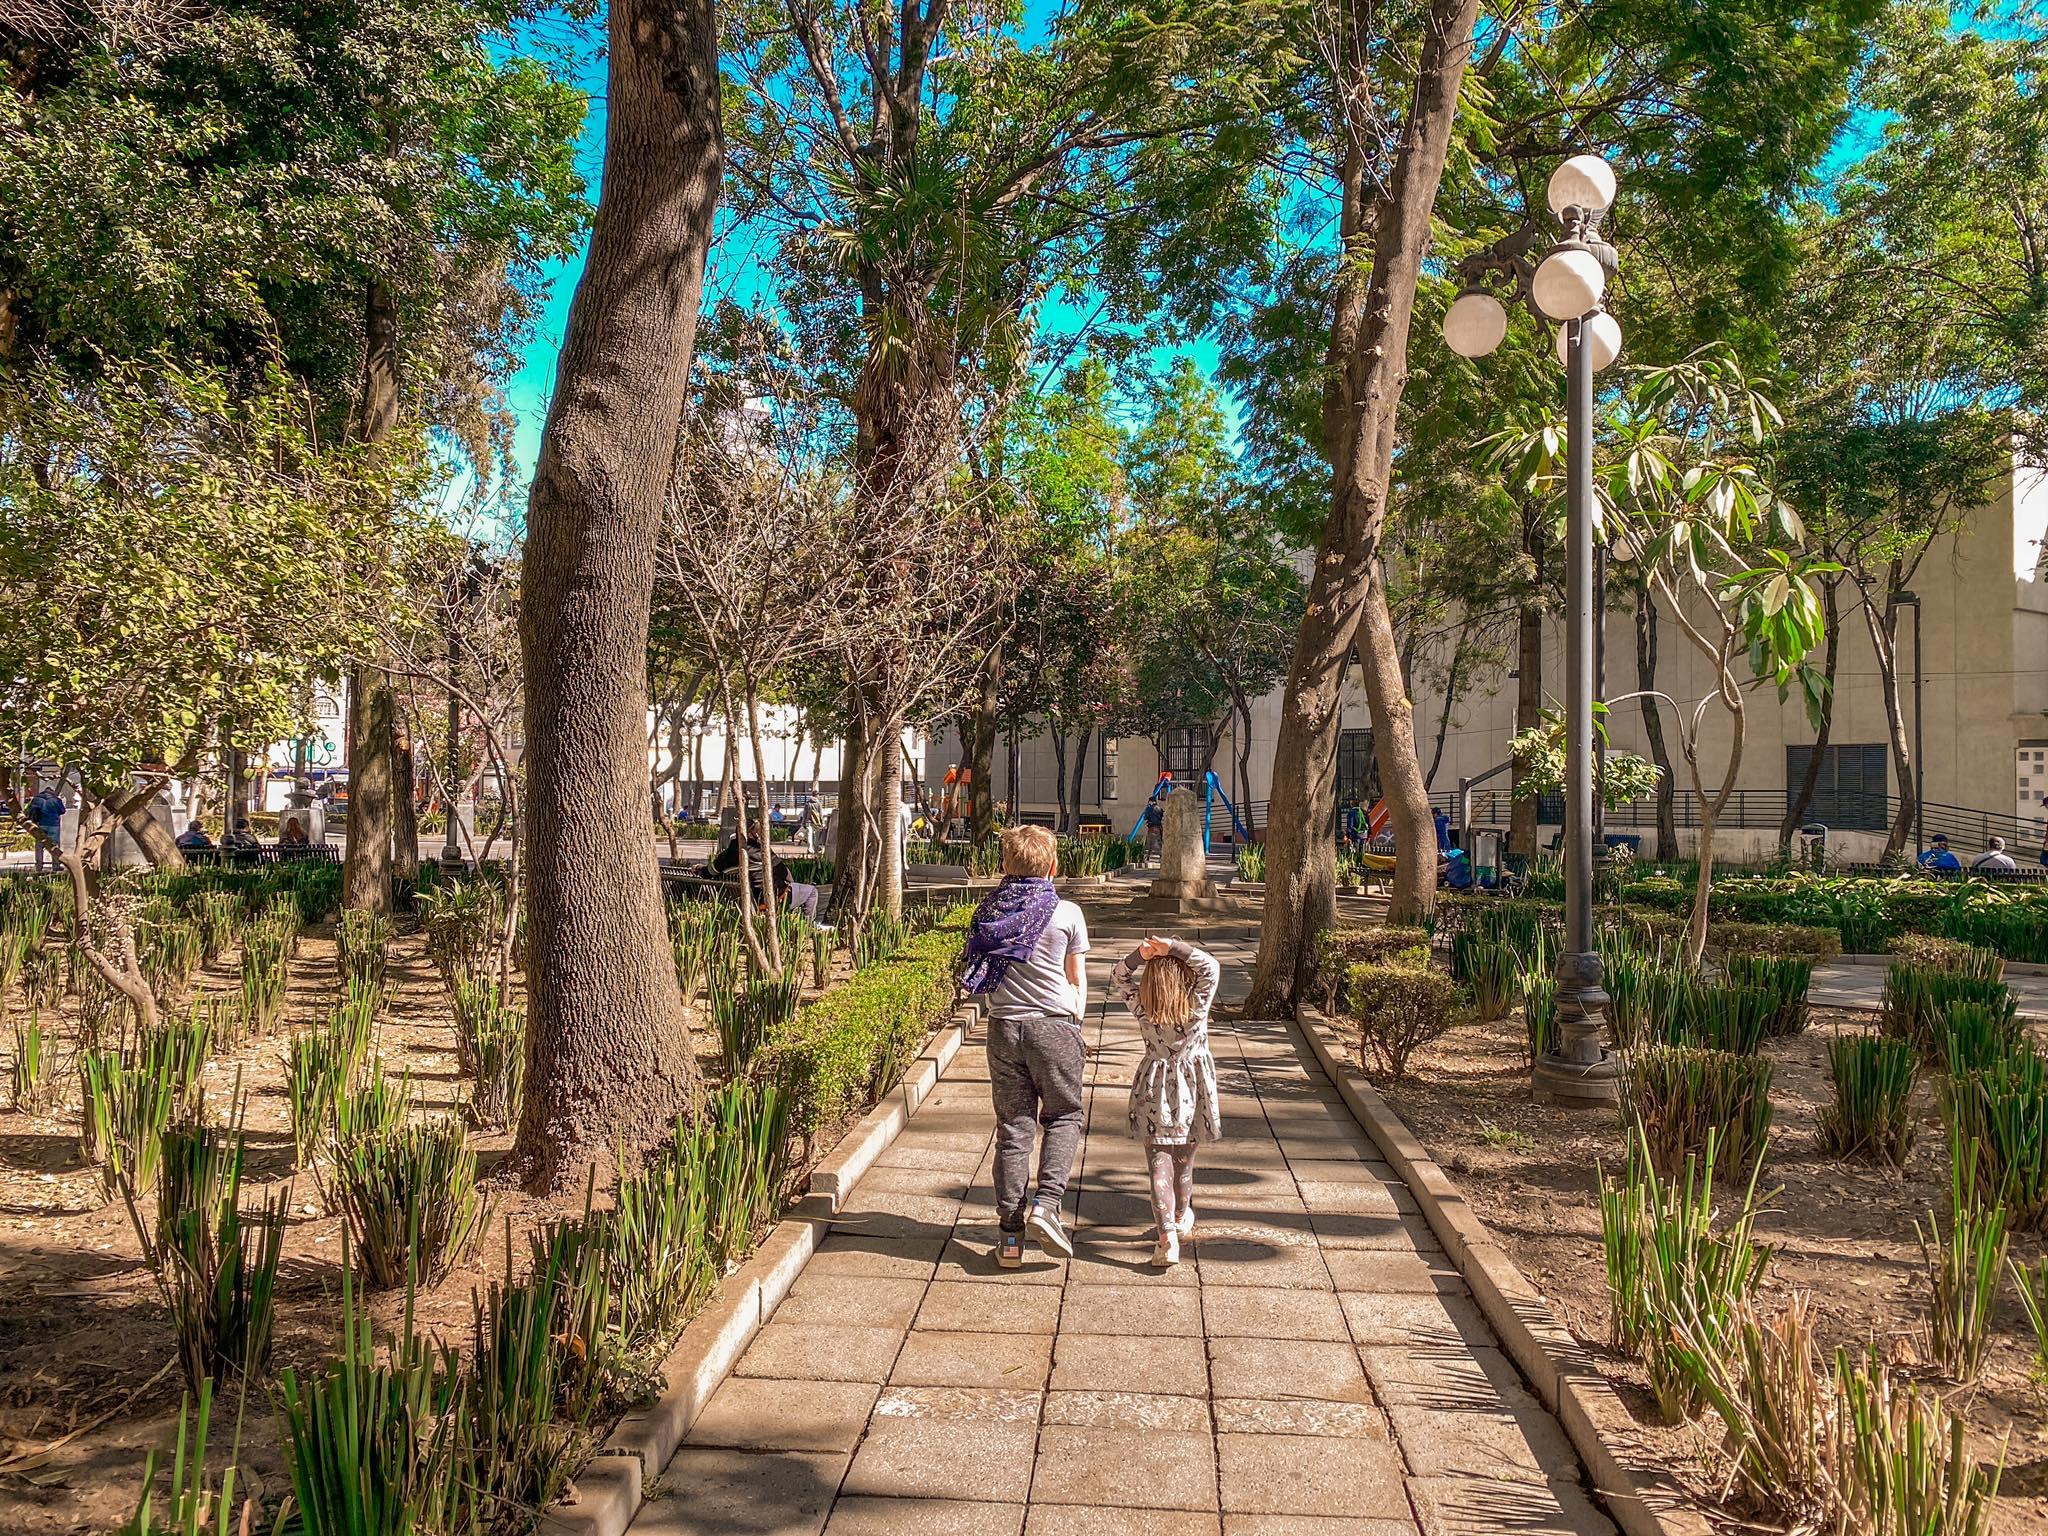 Mexico City_Barrio de San Juan